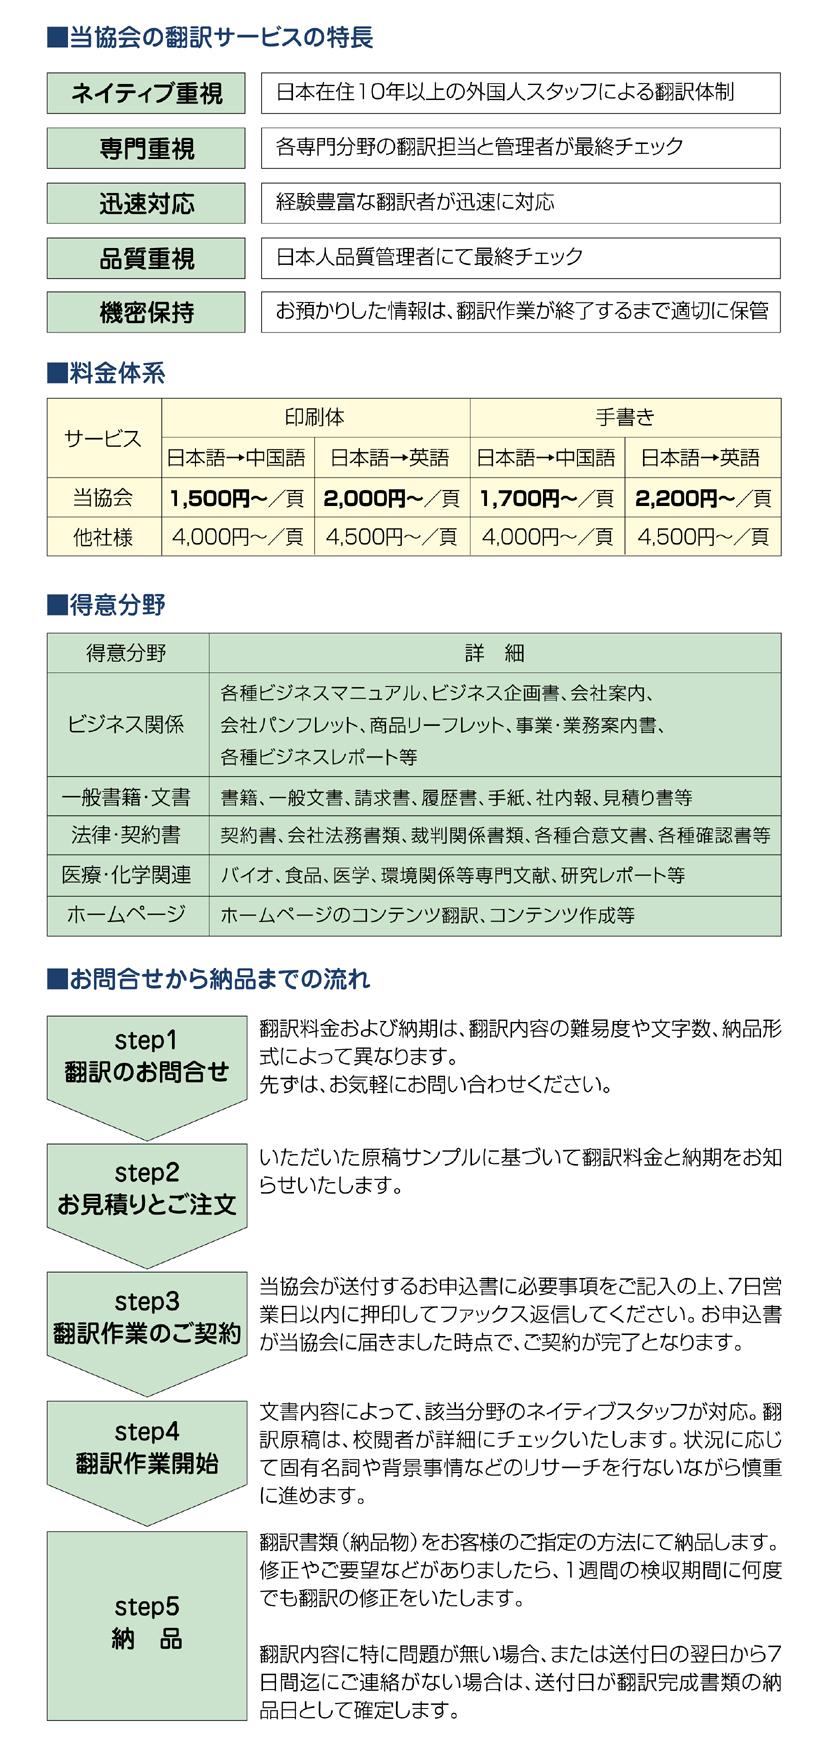 翻訳サービス(マニュアル翻訳作成業務)のご案内